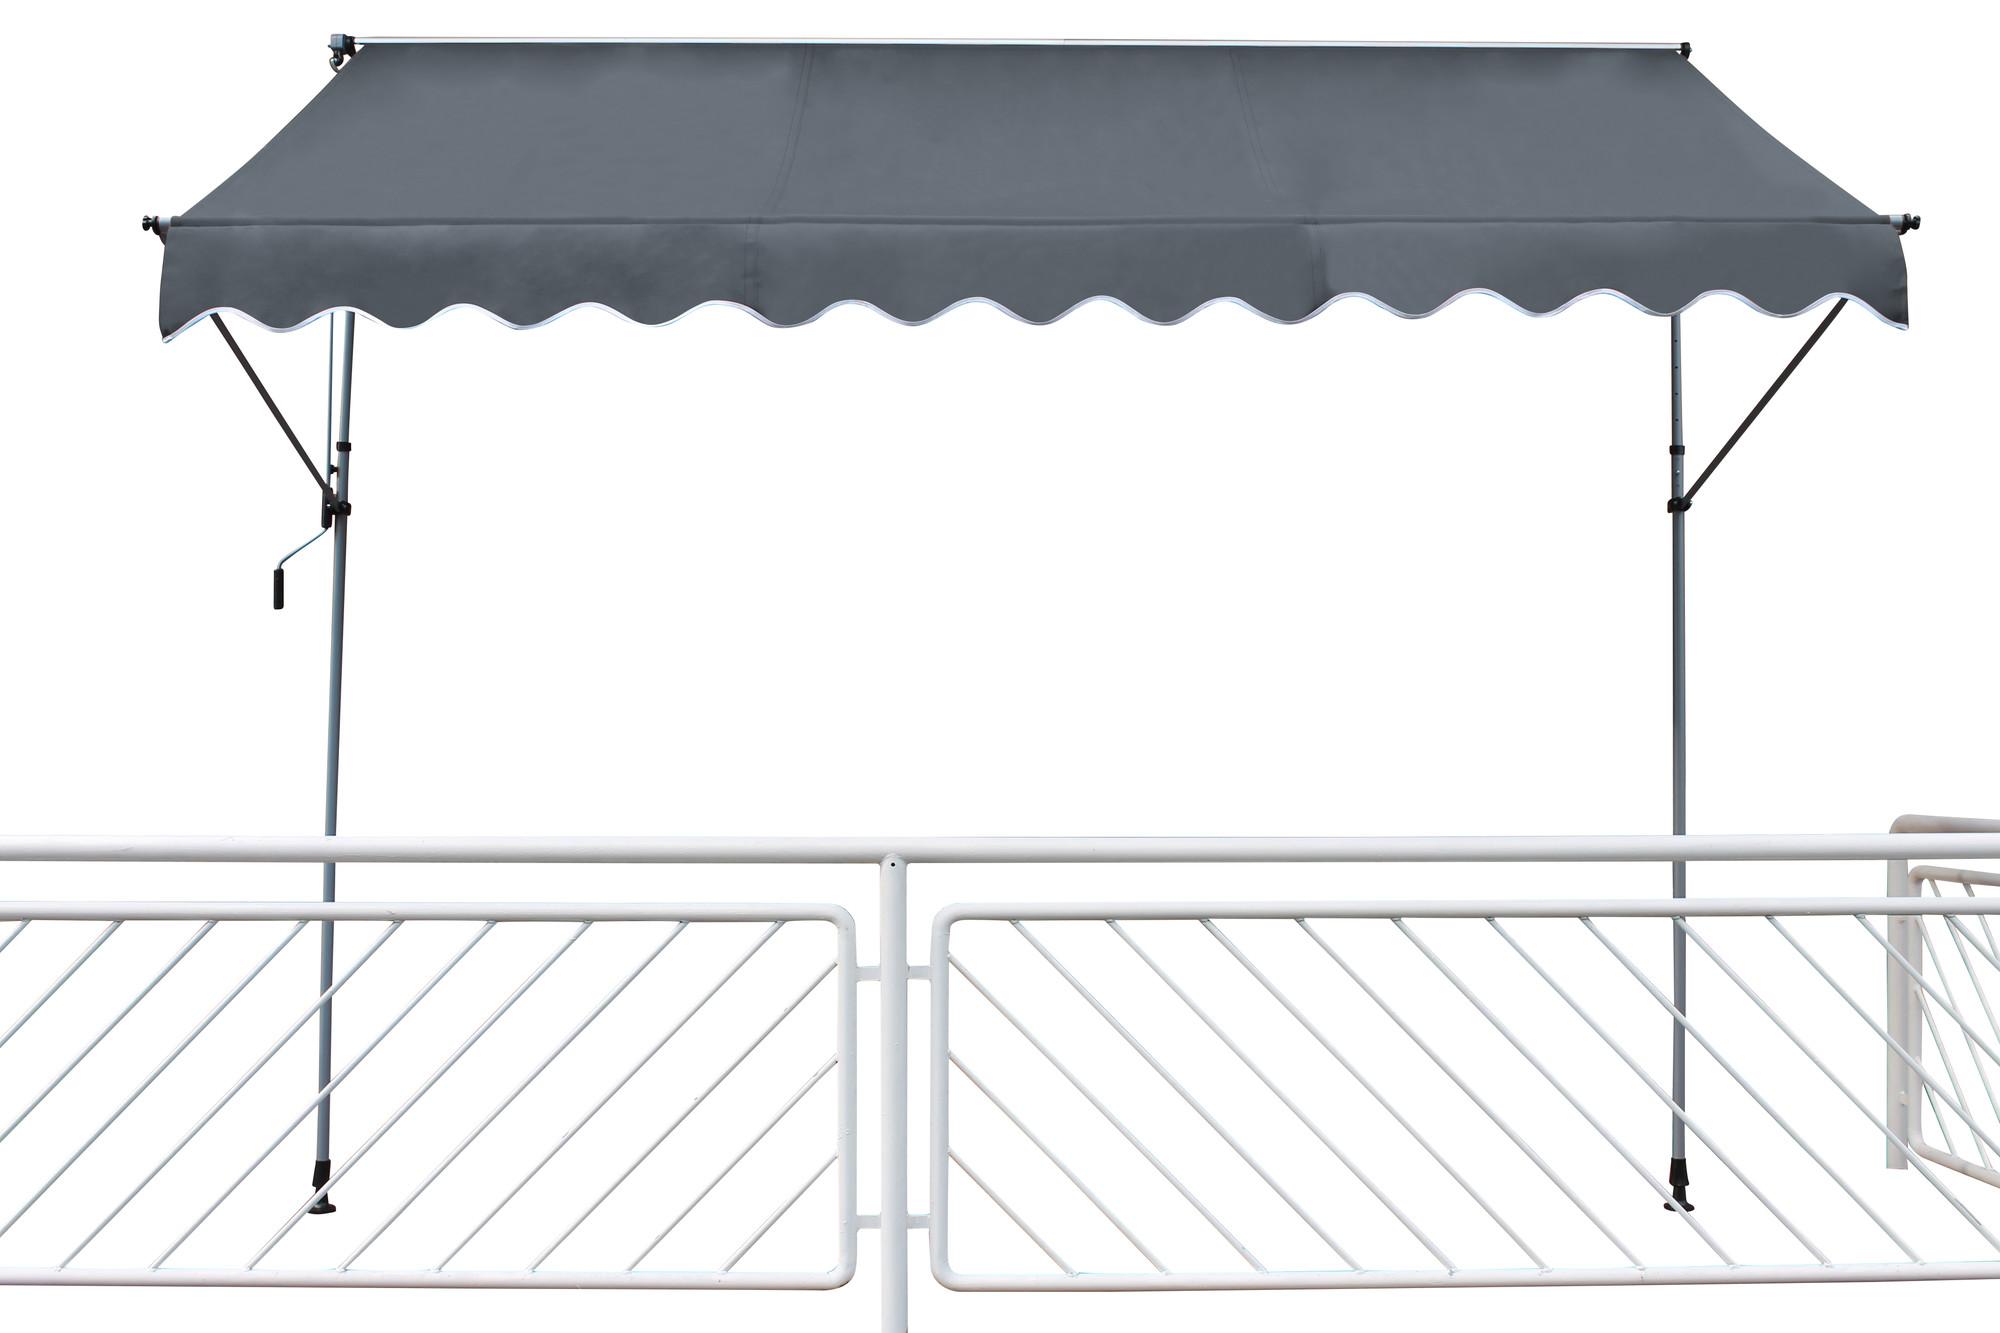 Van Wohi Leco klemluifel 300x120 cm antraciet (24202 114) Prijsvergelijk nu!